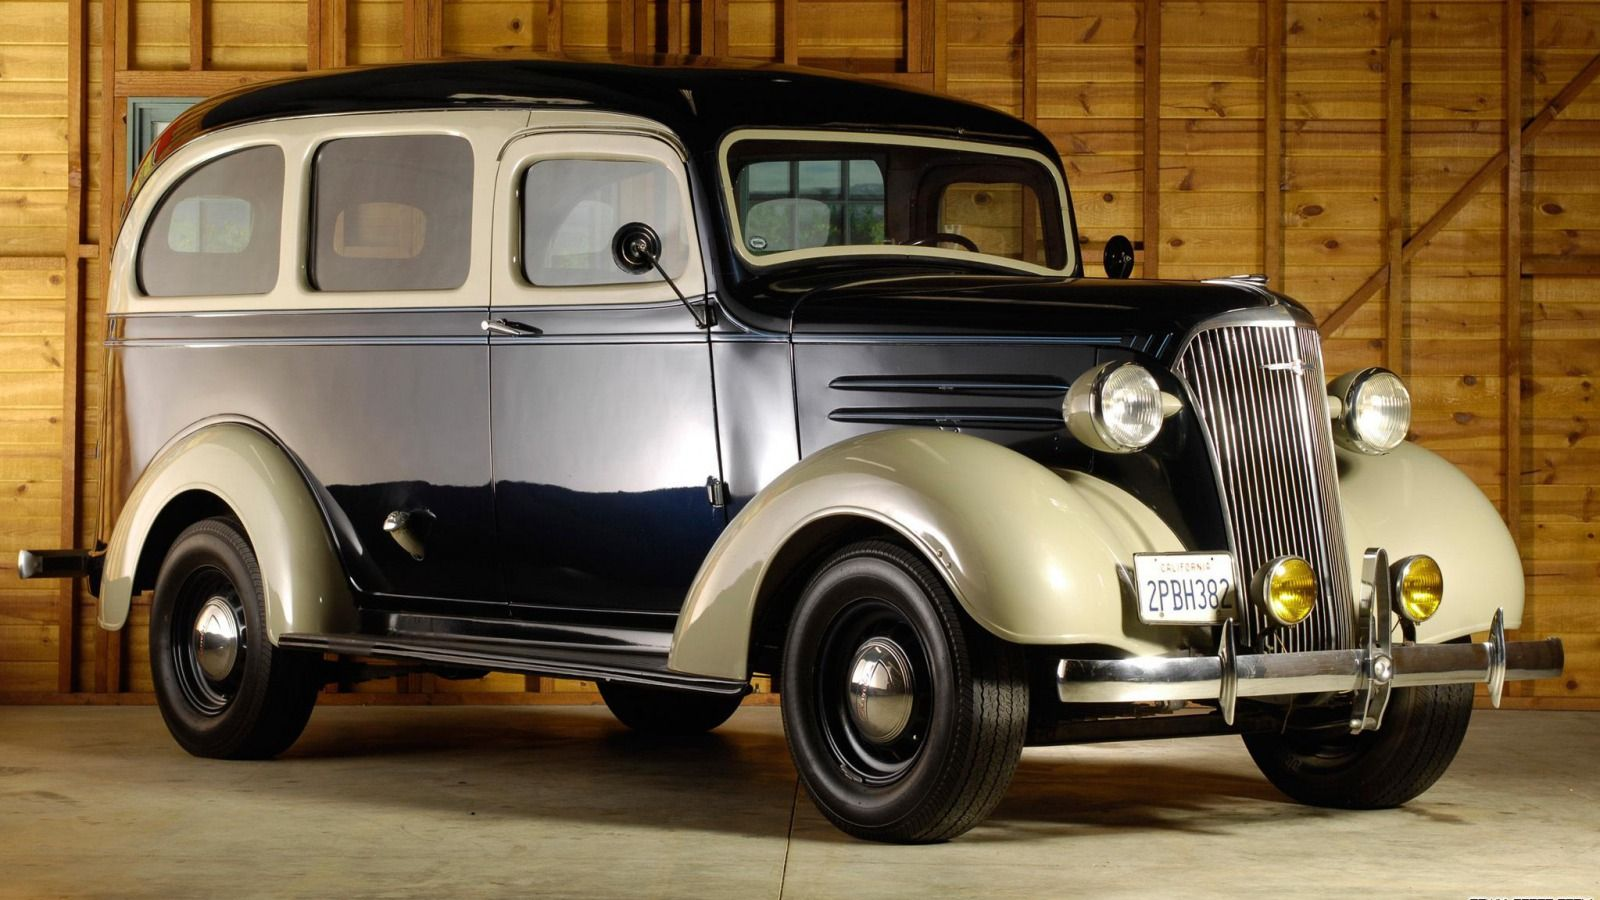 1938 Chevrolet Suburban | Trucks and Customs | Pinterest ...